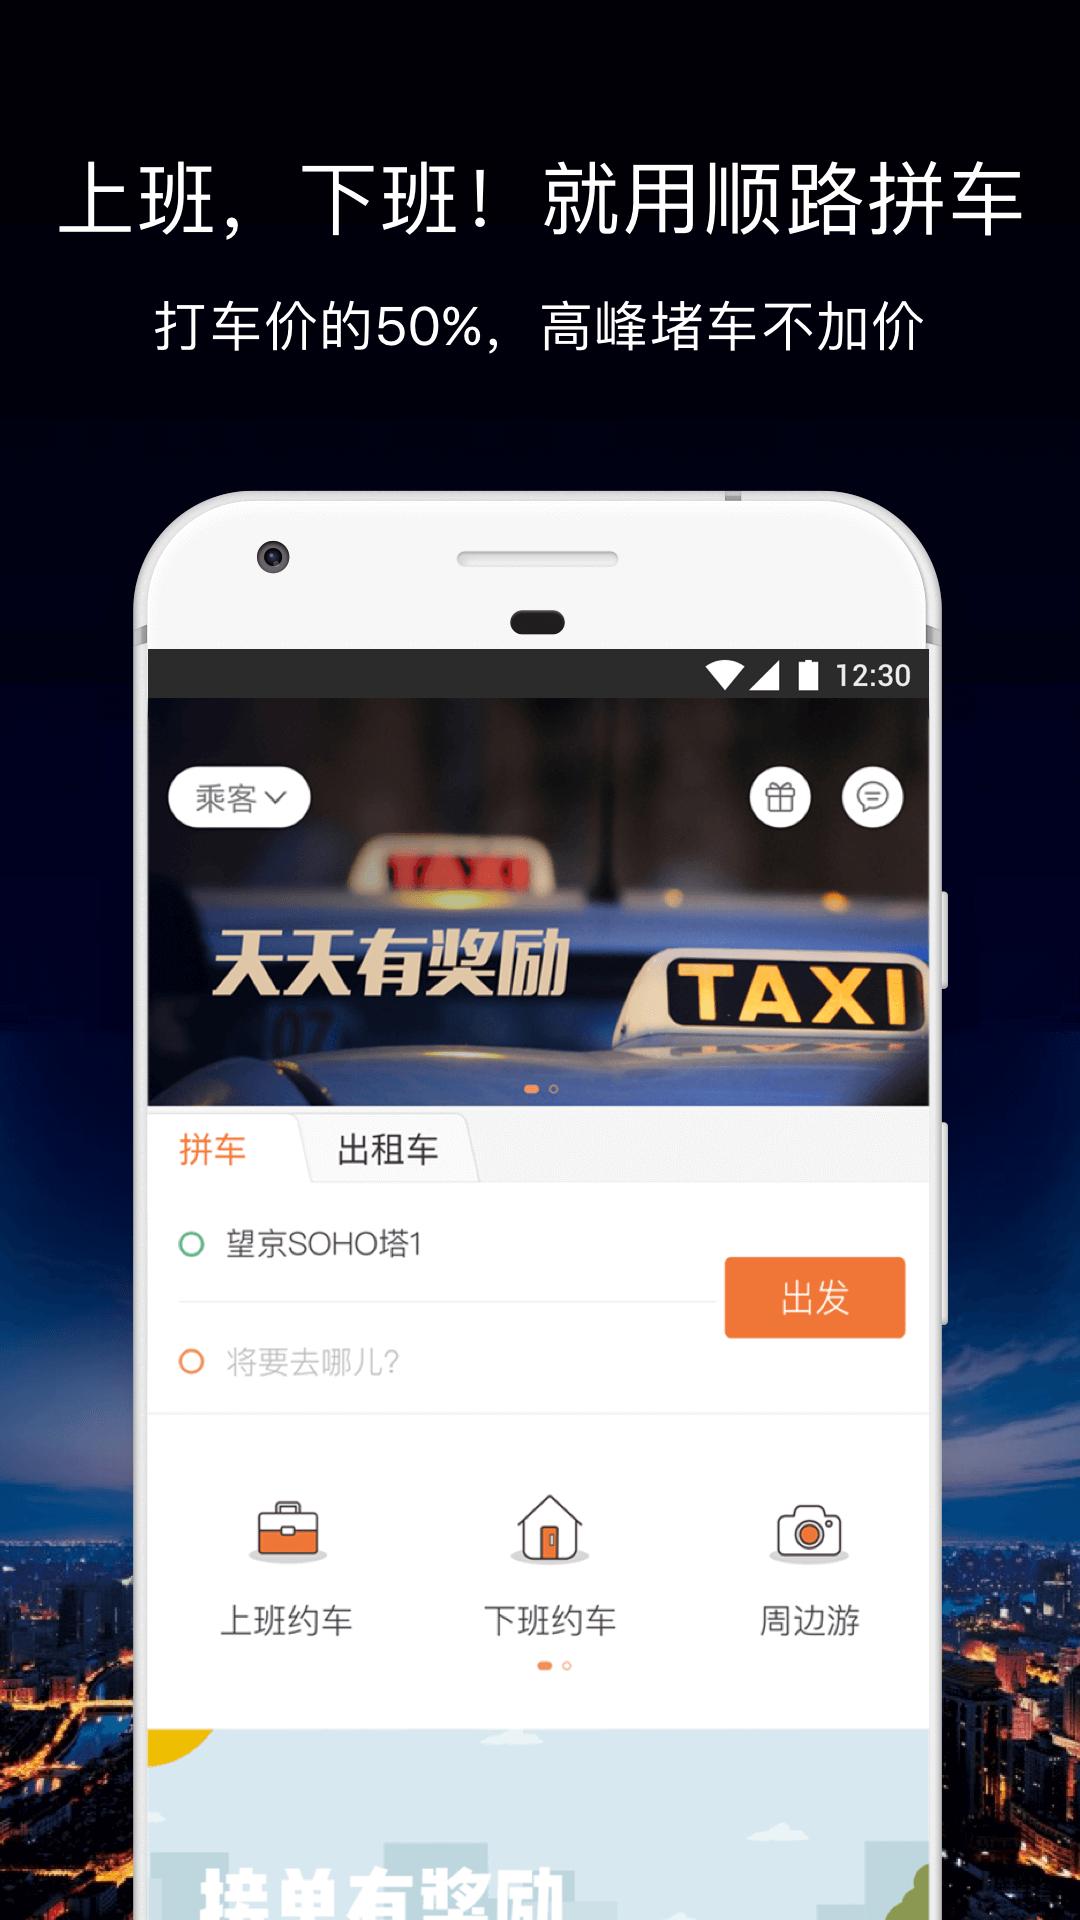 嘀嗒拼车广告美女_百度手机助手,安卓软件,安卓游戏,下载